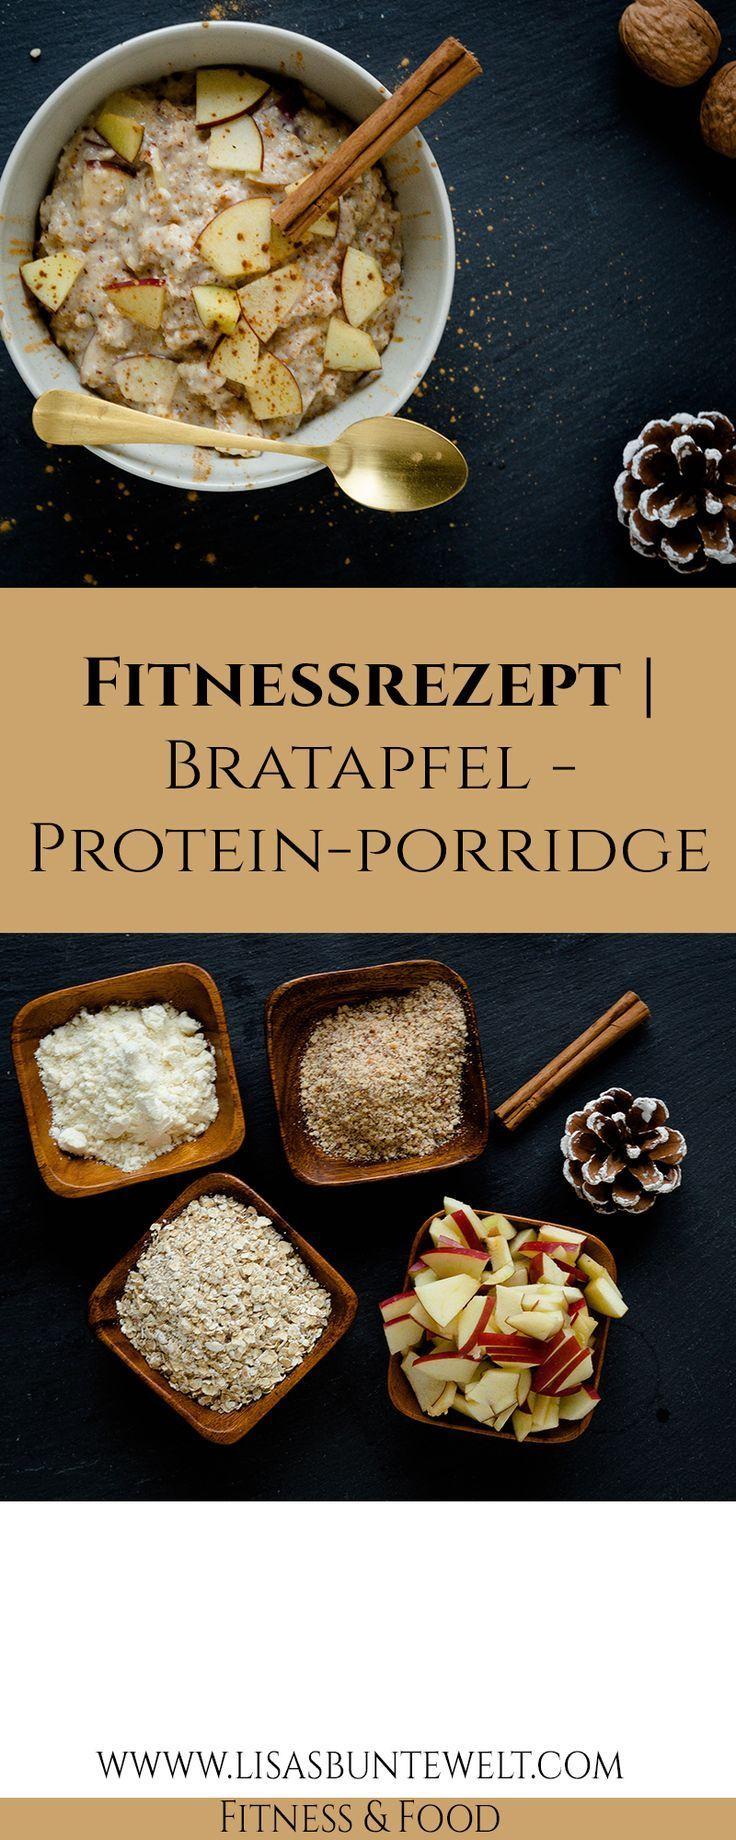 Fitness Rezept | Bratapfel-Protein-Porridge  #bratapfel #fitness #porridge #protein #rezept